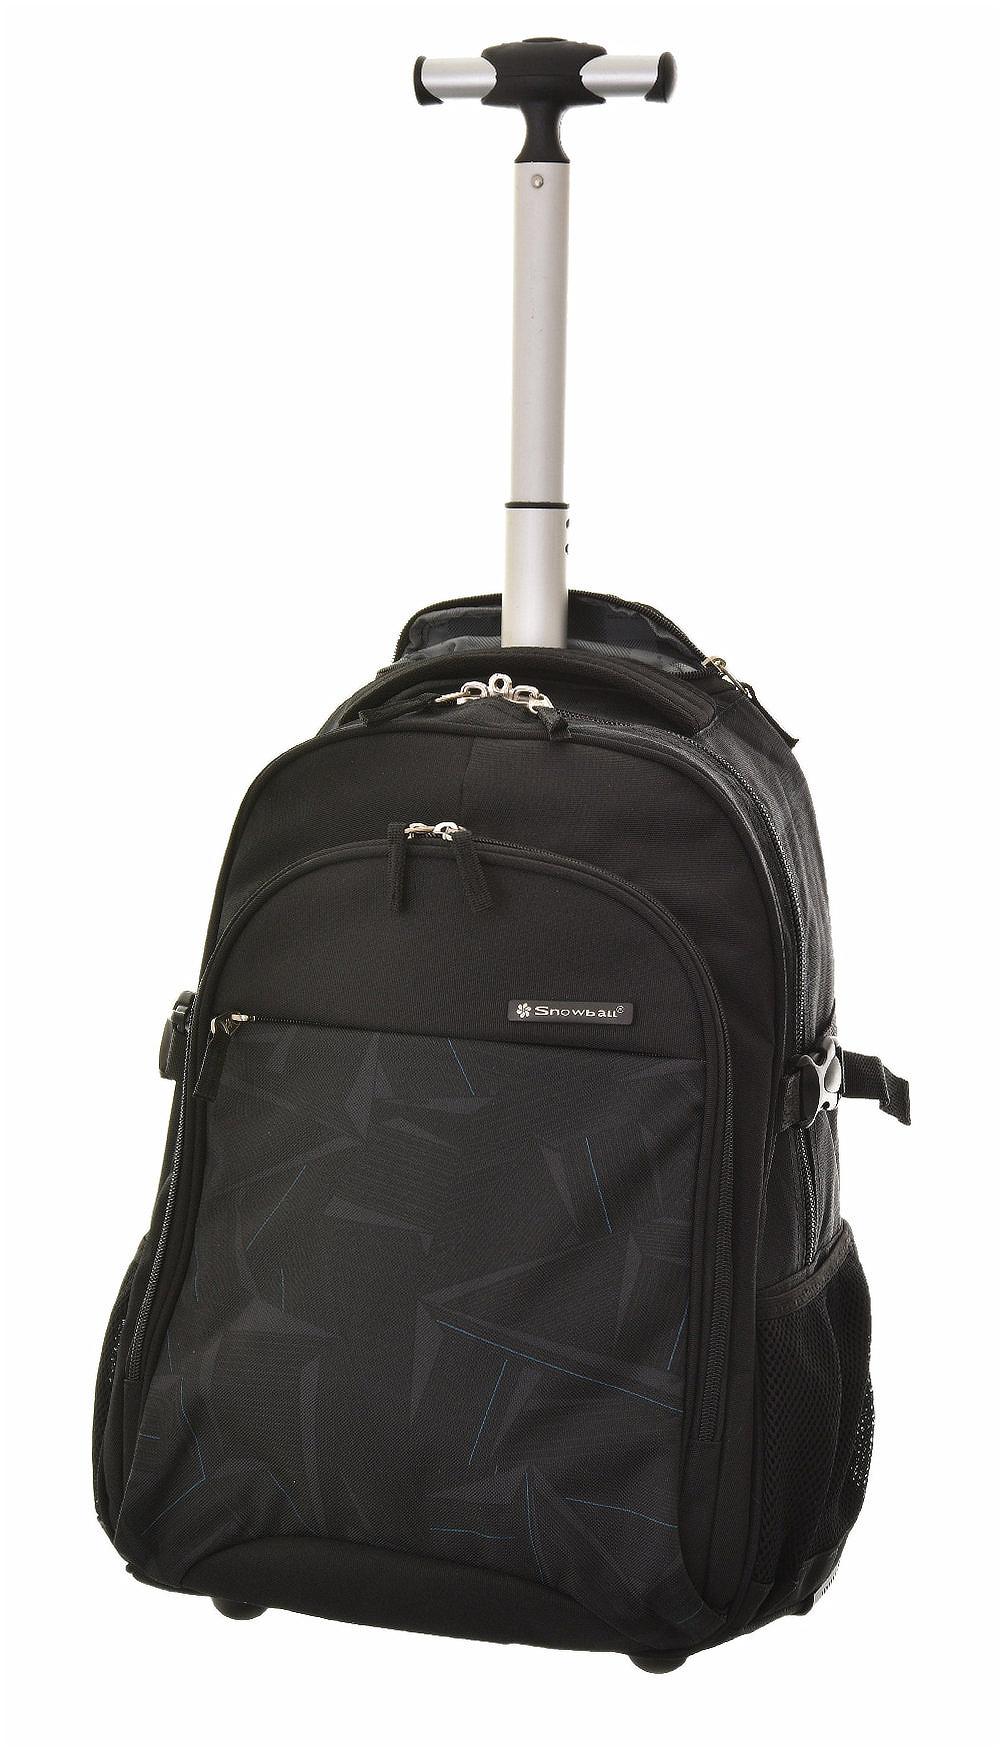 Batoh na kolečkách Snowball 2W F58045-96 30 L černá